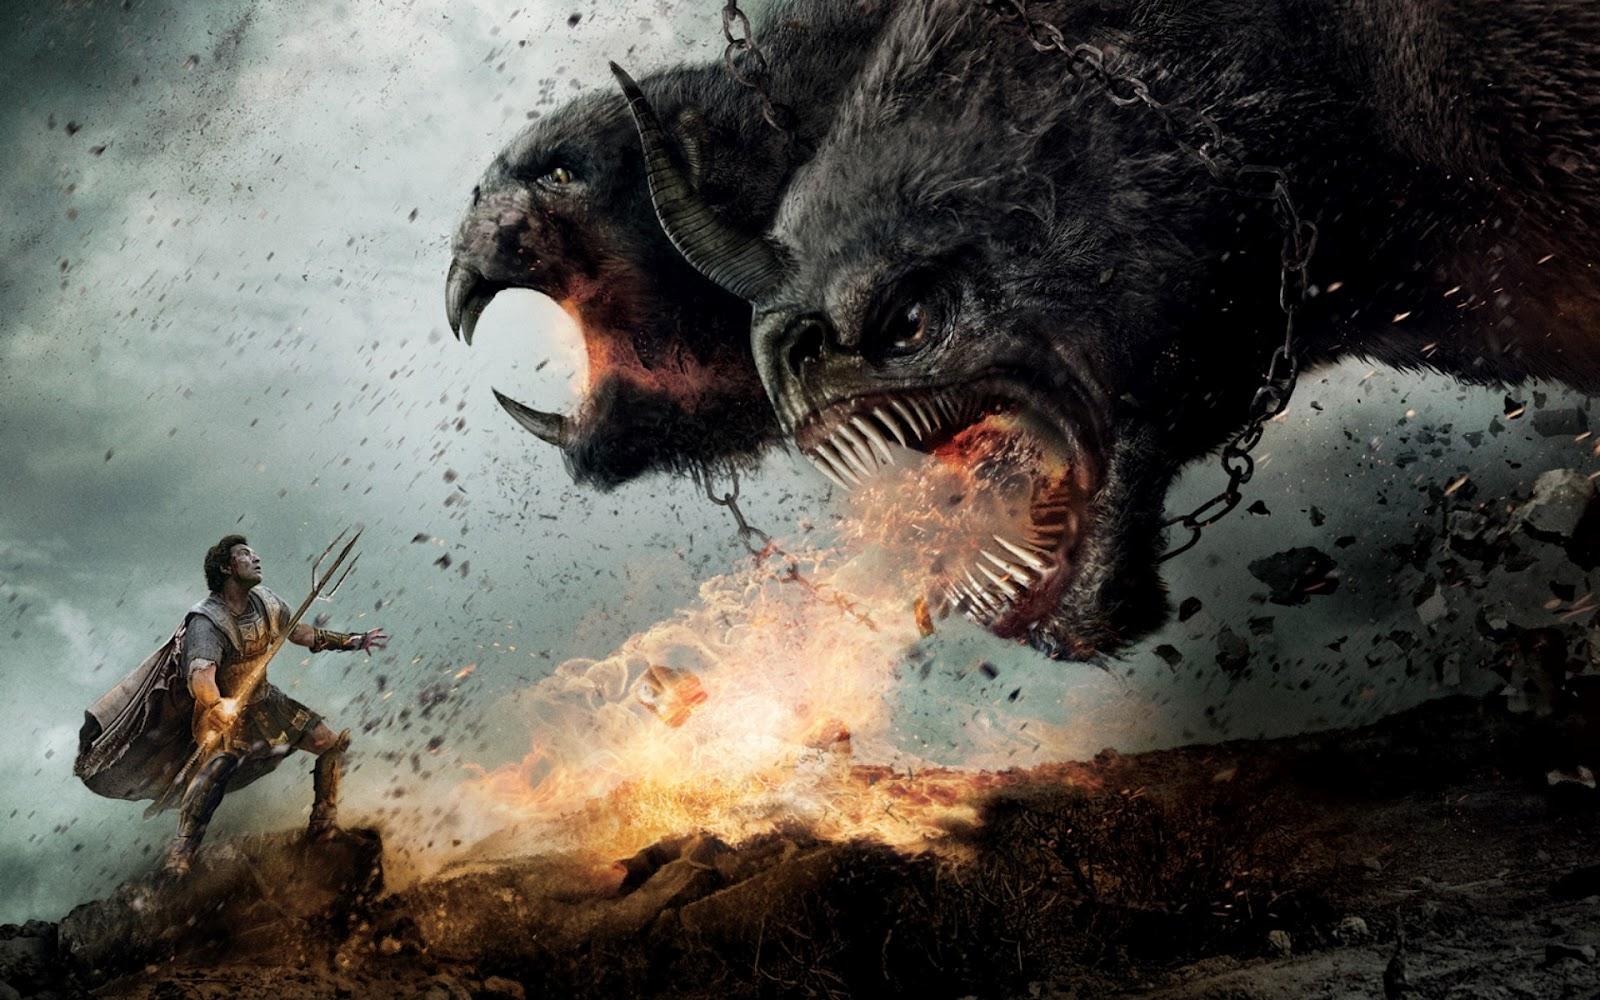 http://4.bp.blogspot.com/-3_jmAUMOs1s/UCtzJ87NLII/AAAAAAAAMx4/a9FOv7vhSeQ/s1600/titans-fight-monster.jpg